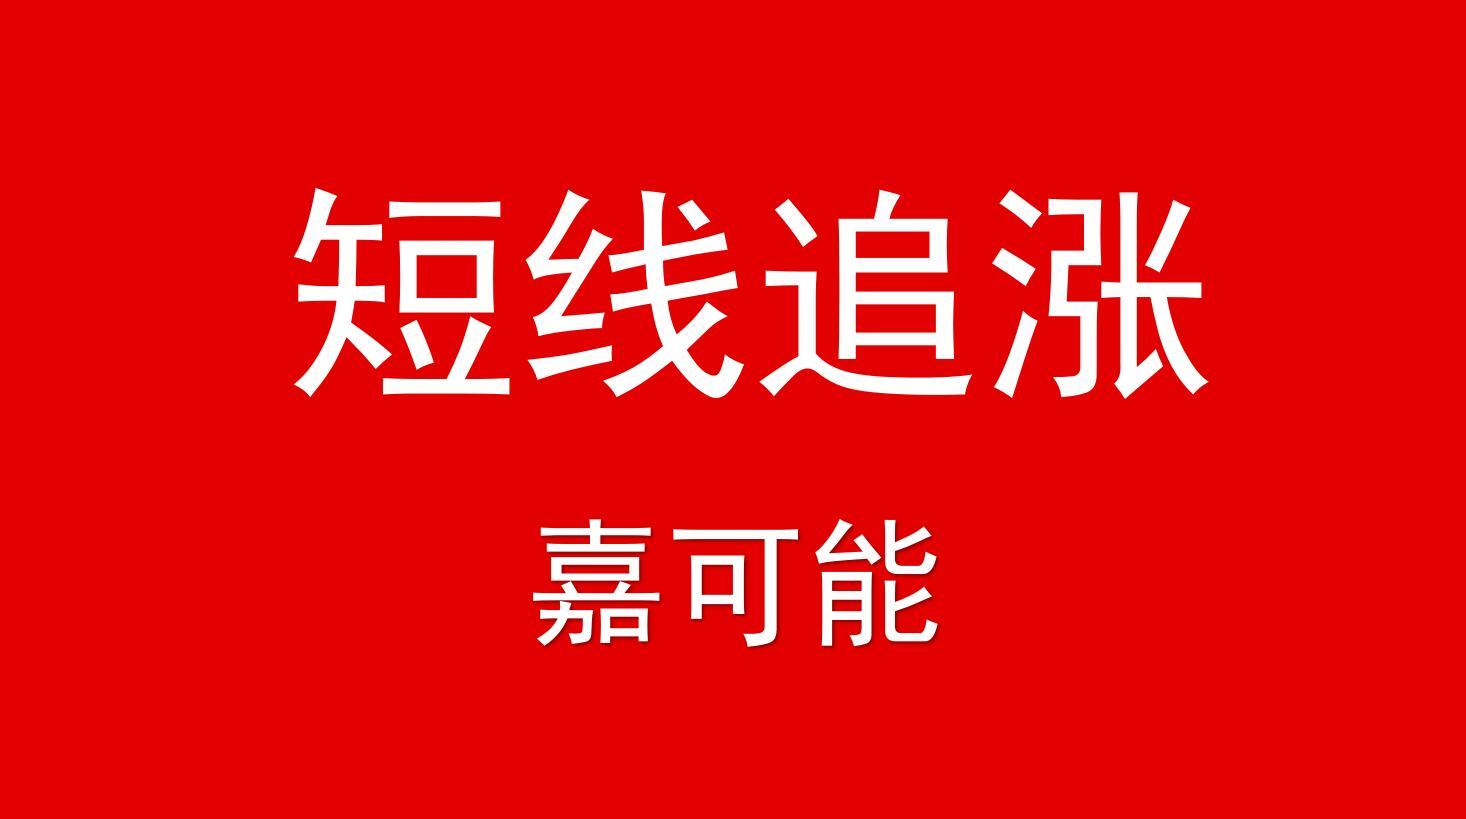 股票缠论《短线涨停战法》:华通热力、博天环境!(03月31日)